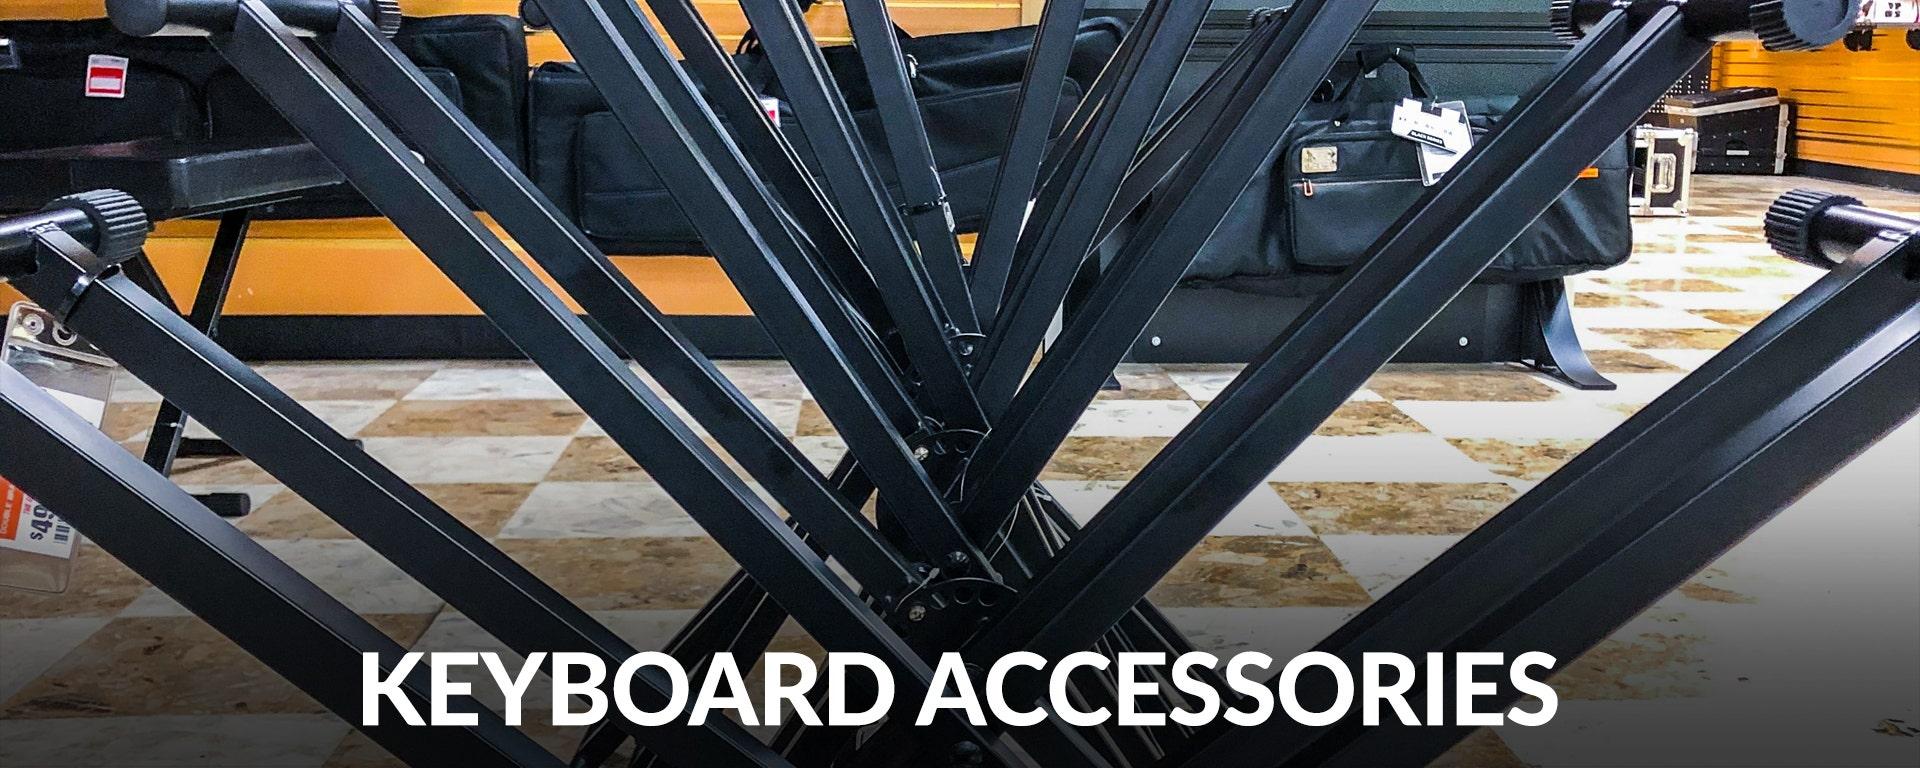 Keyboard Accessories at SamAsh.com